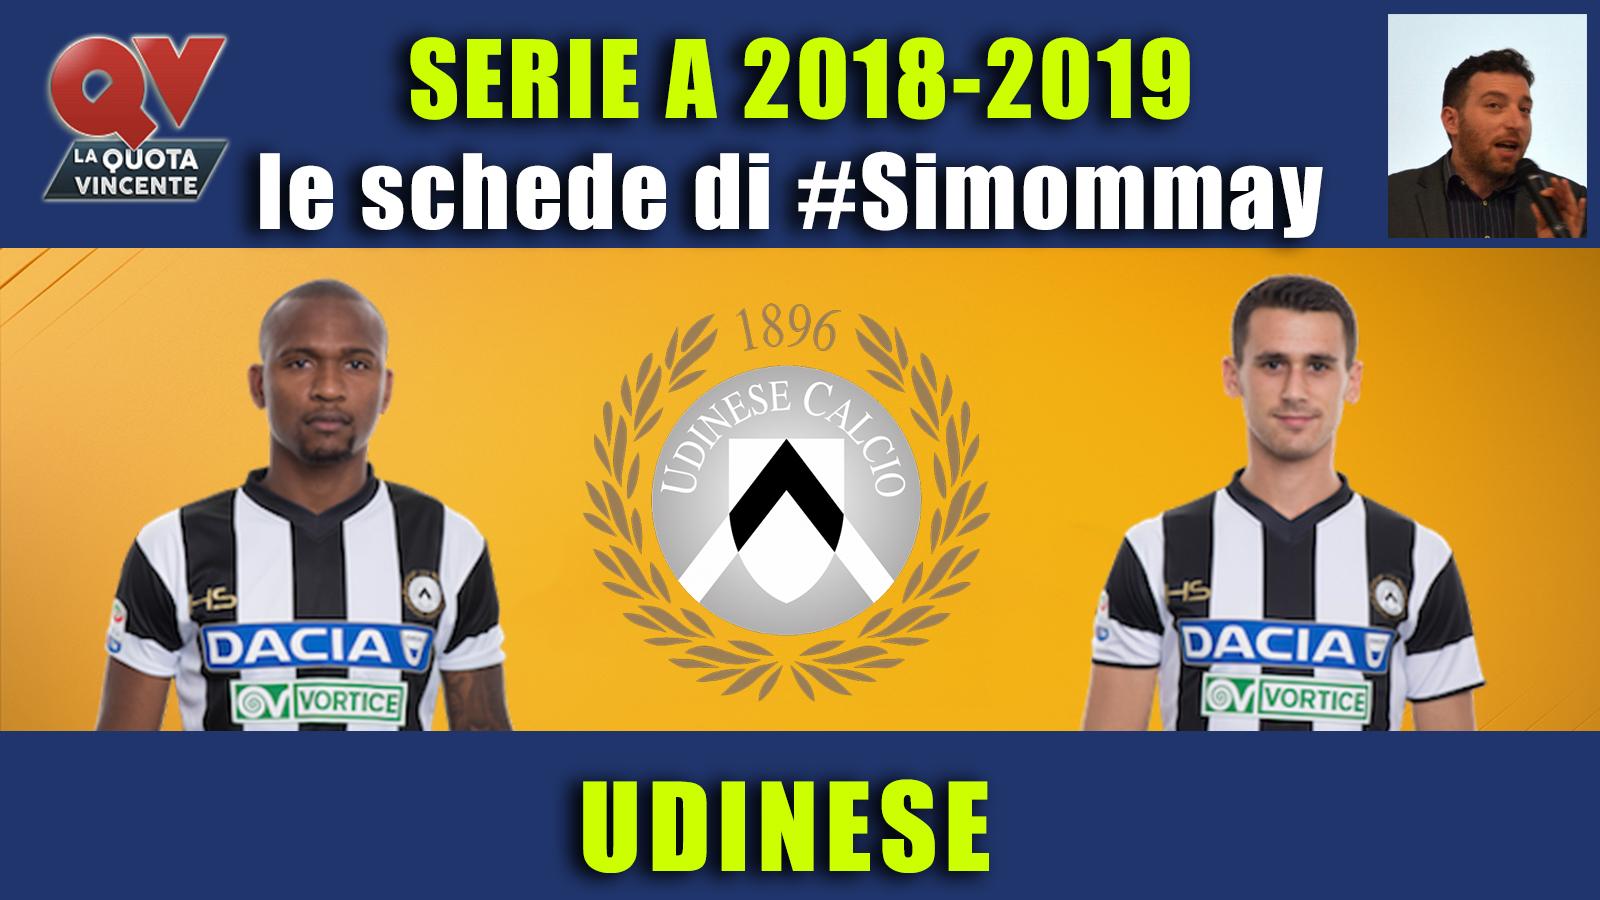 Guida Serie A 2018-2019 UDINESE: la scommessa viene dalla Spagna